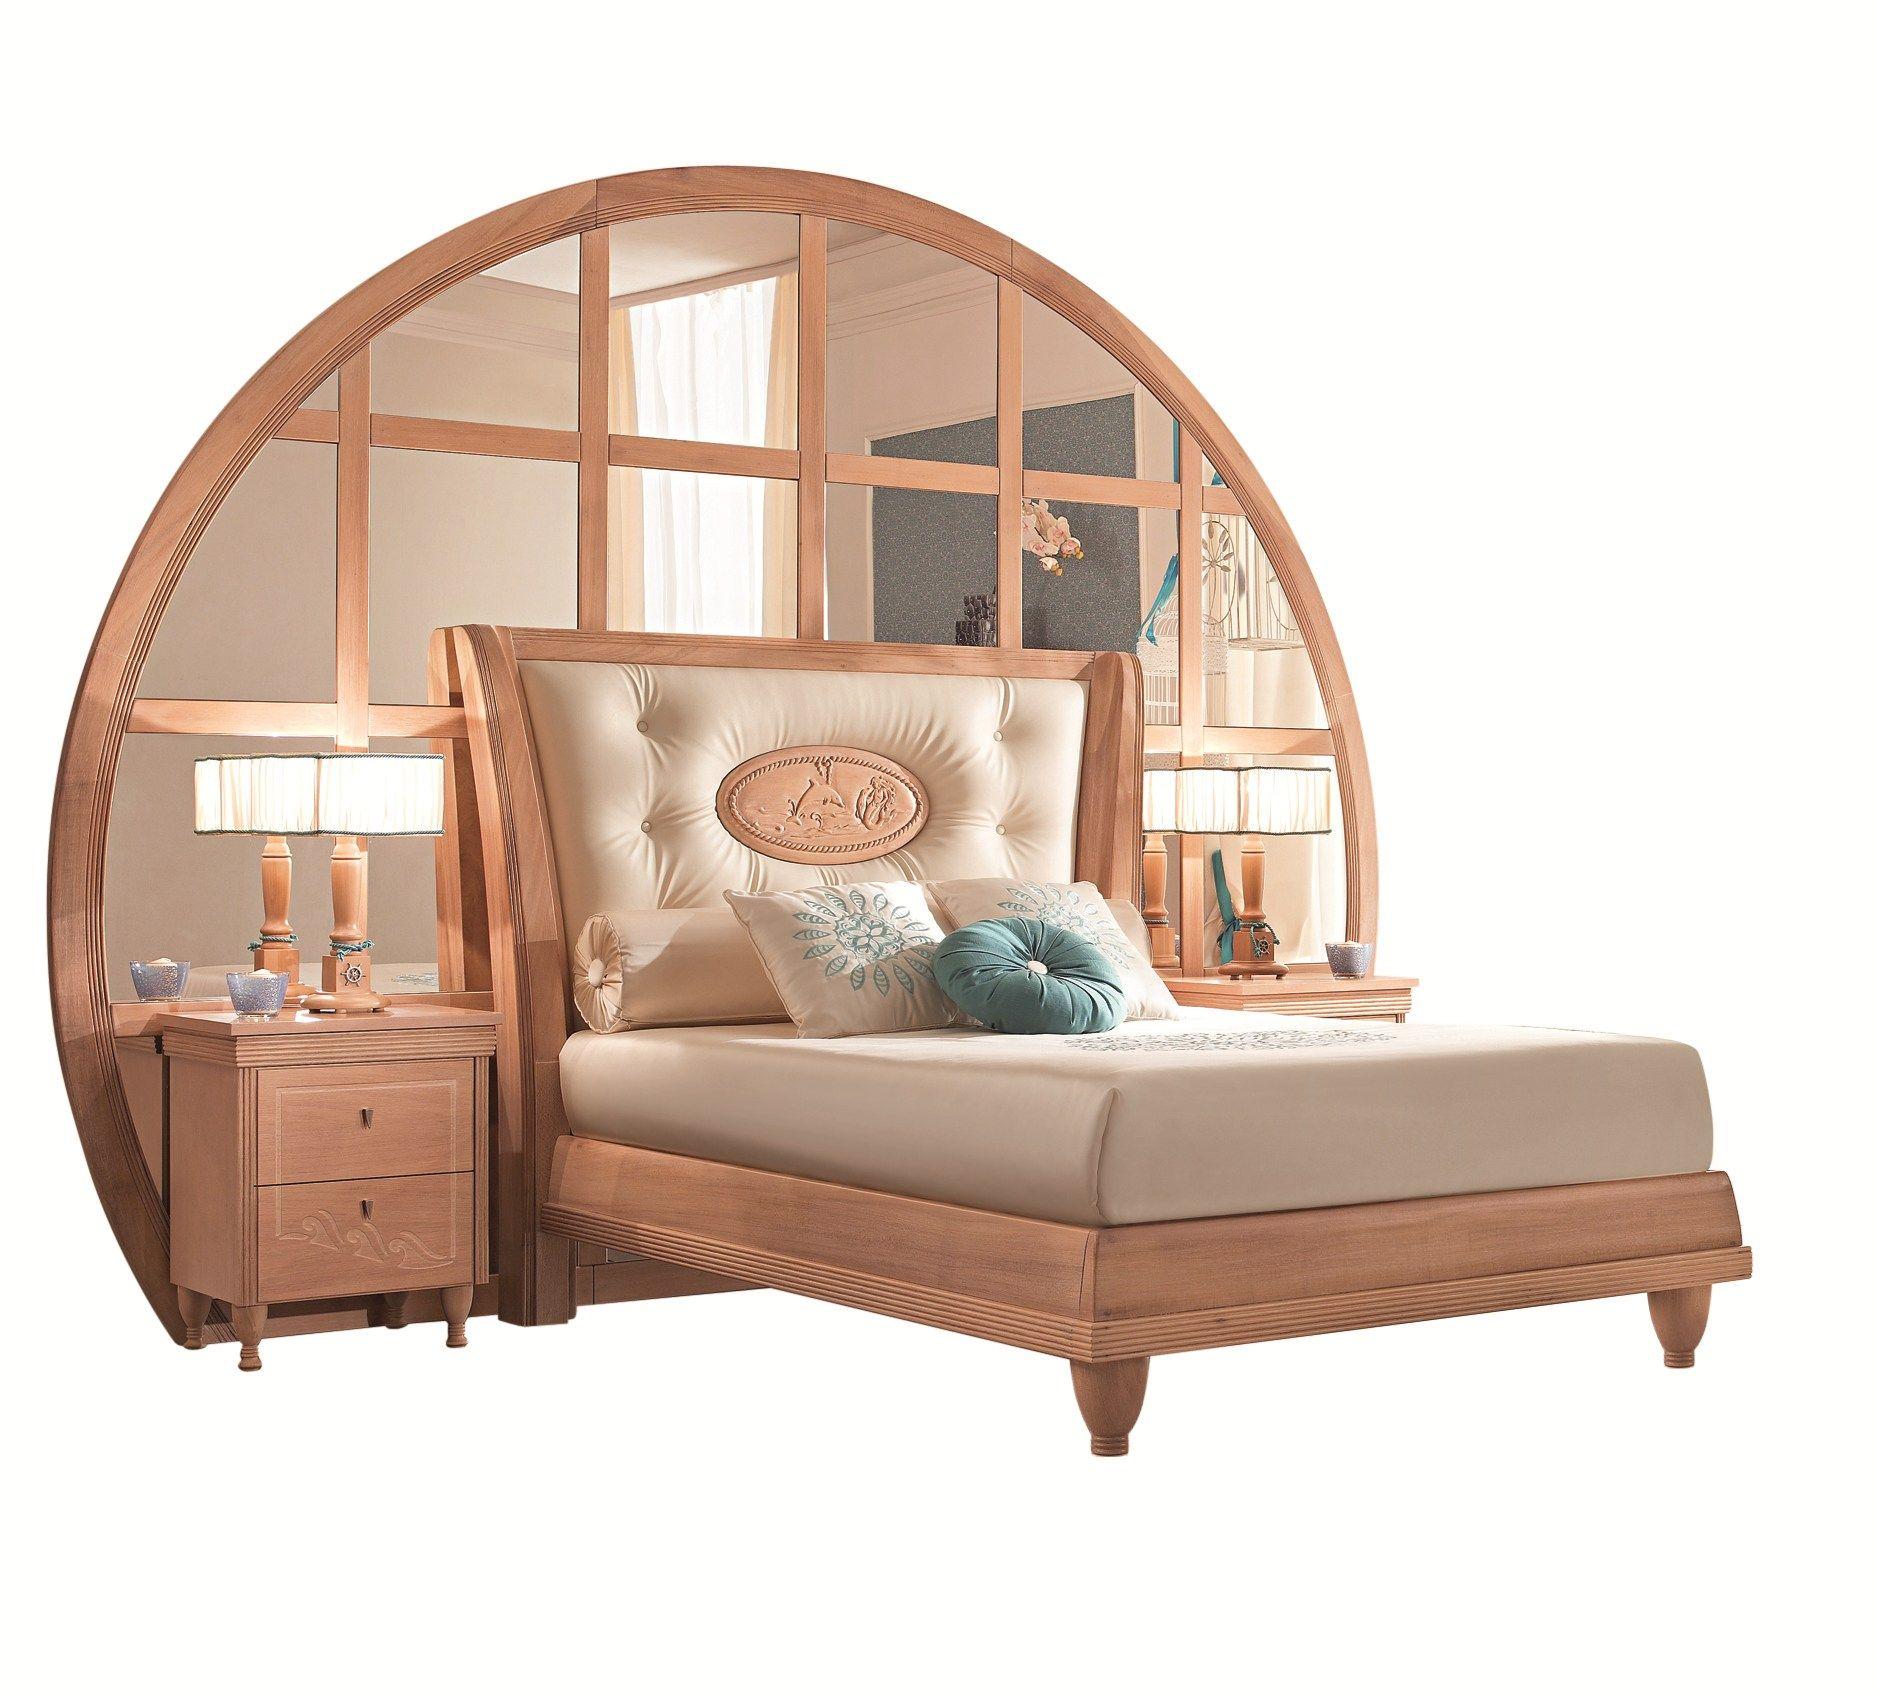 Cama para habitaciones de niños (http://www.archiproducts.com/es ...